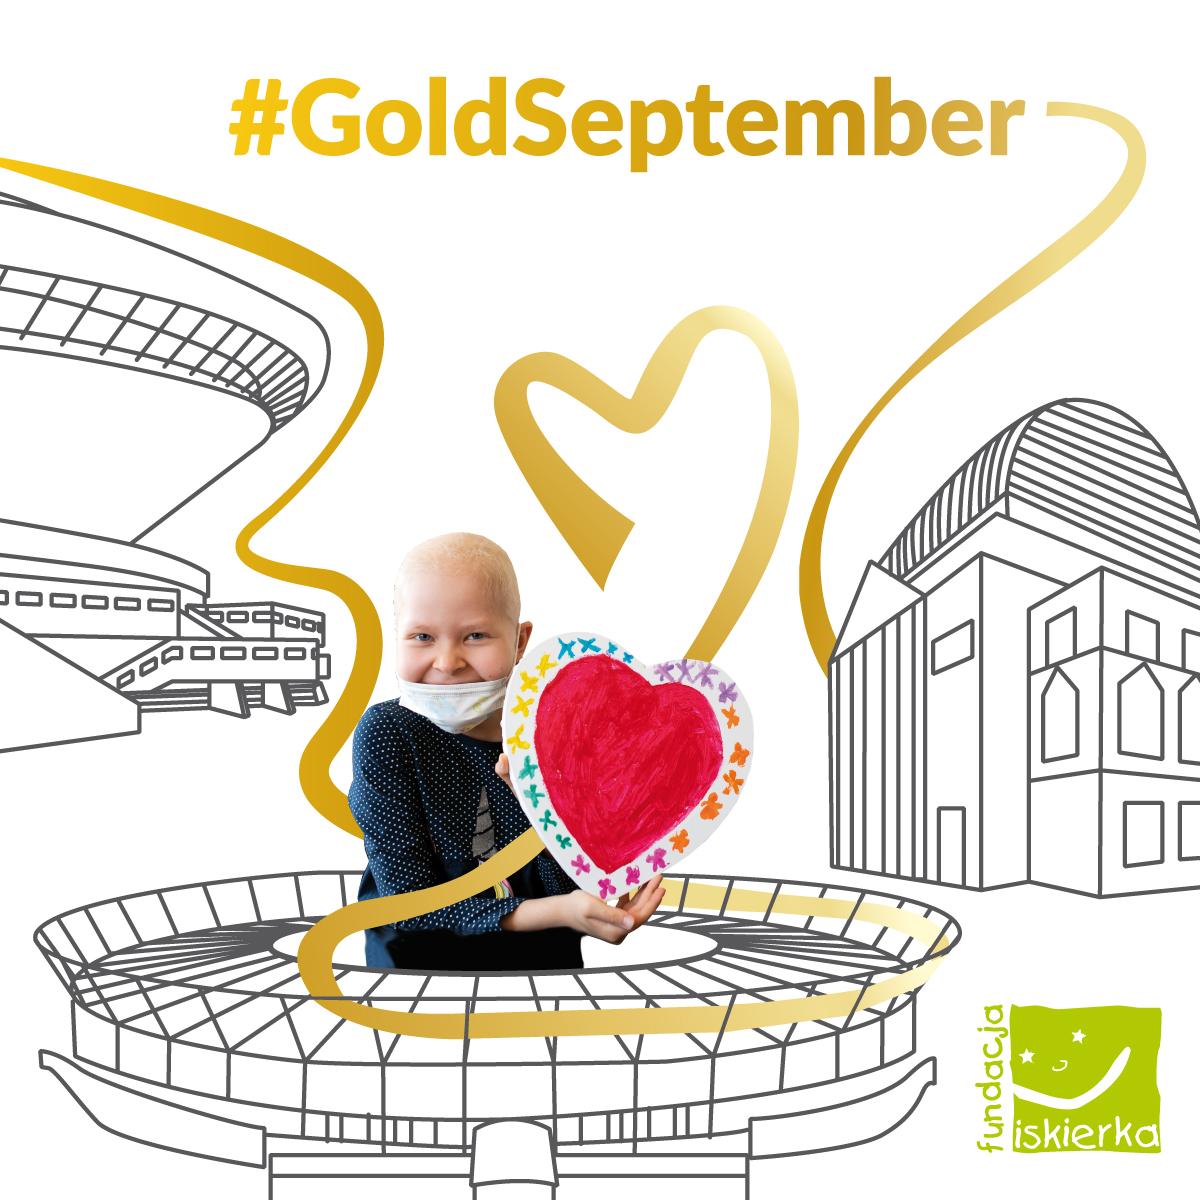 iskierka_spodek_gold_september_insta